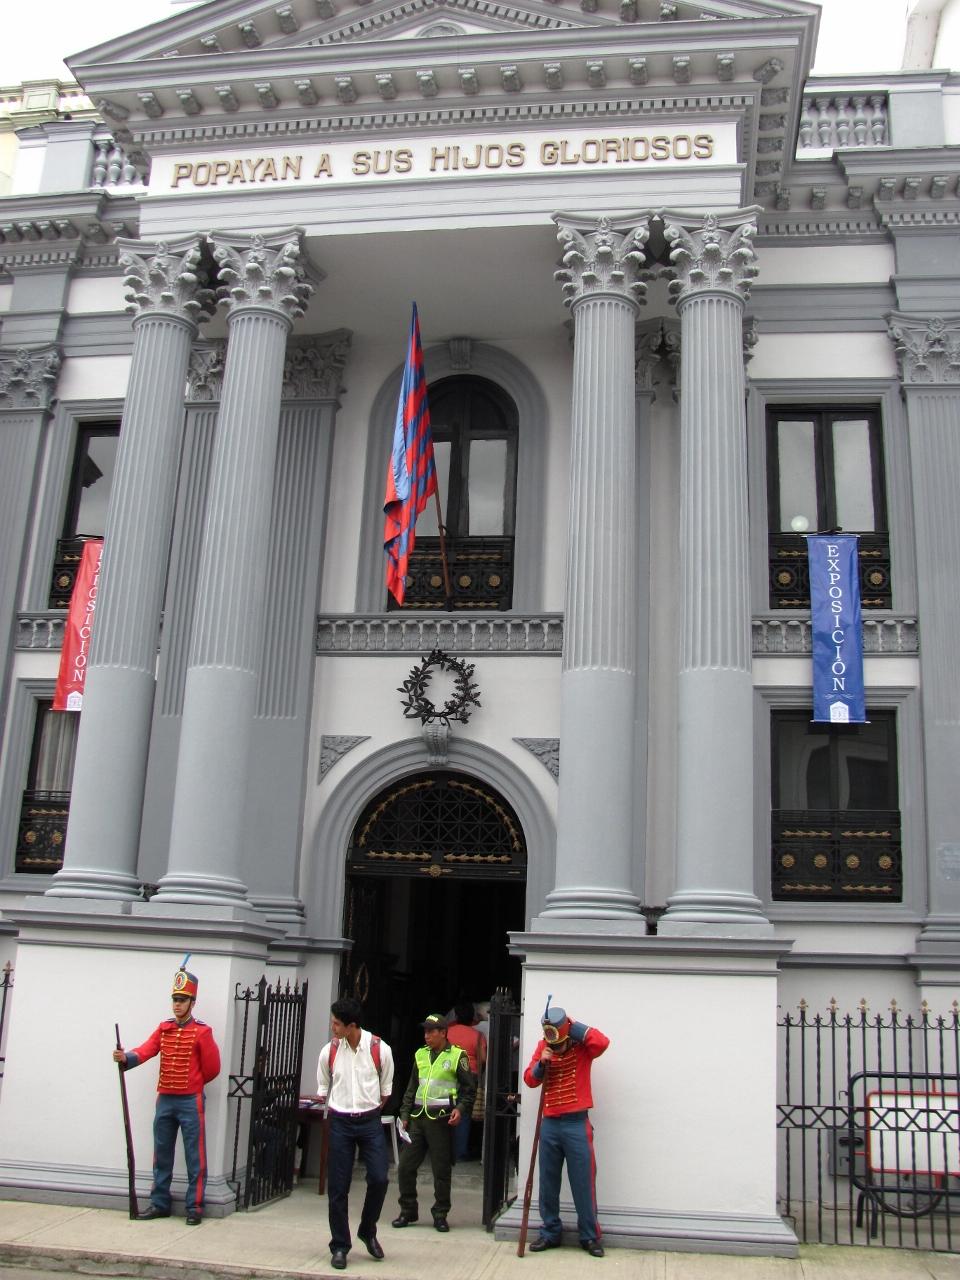 Panteón de los Próceres - Popayán - Cauca. Foto: David Medina